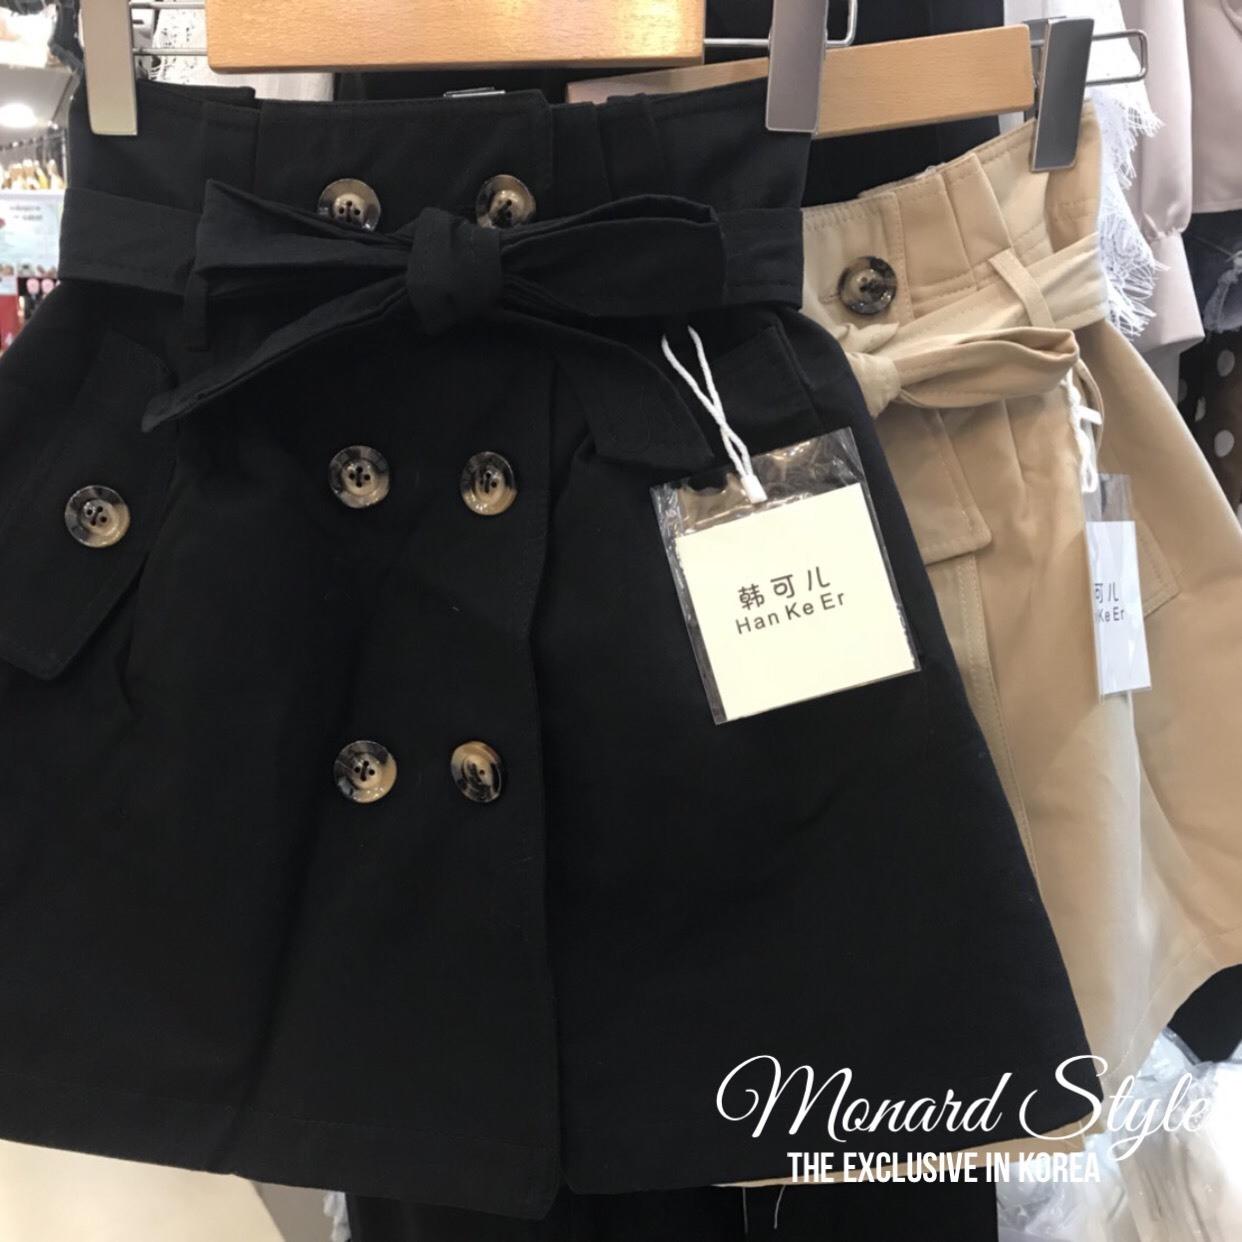 เสื้อผ้าแฟชั่นเกาหลีพร้อมส่ง น่ารักมากมายคร่า กระโปรงตัวนี้ กระโปรงทรงเอวสูงมีสมอคหลัง